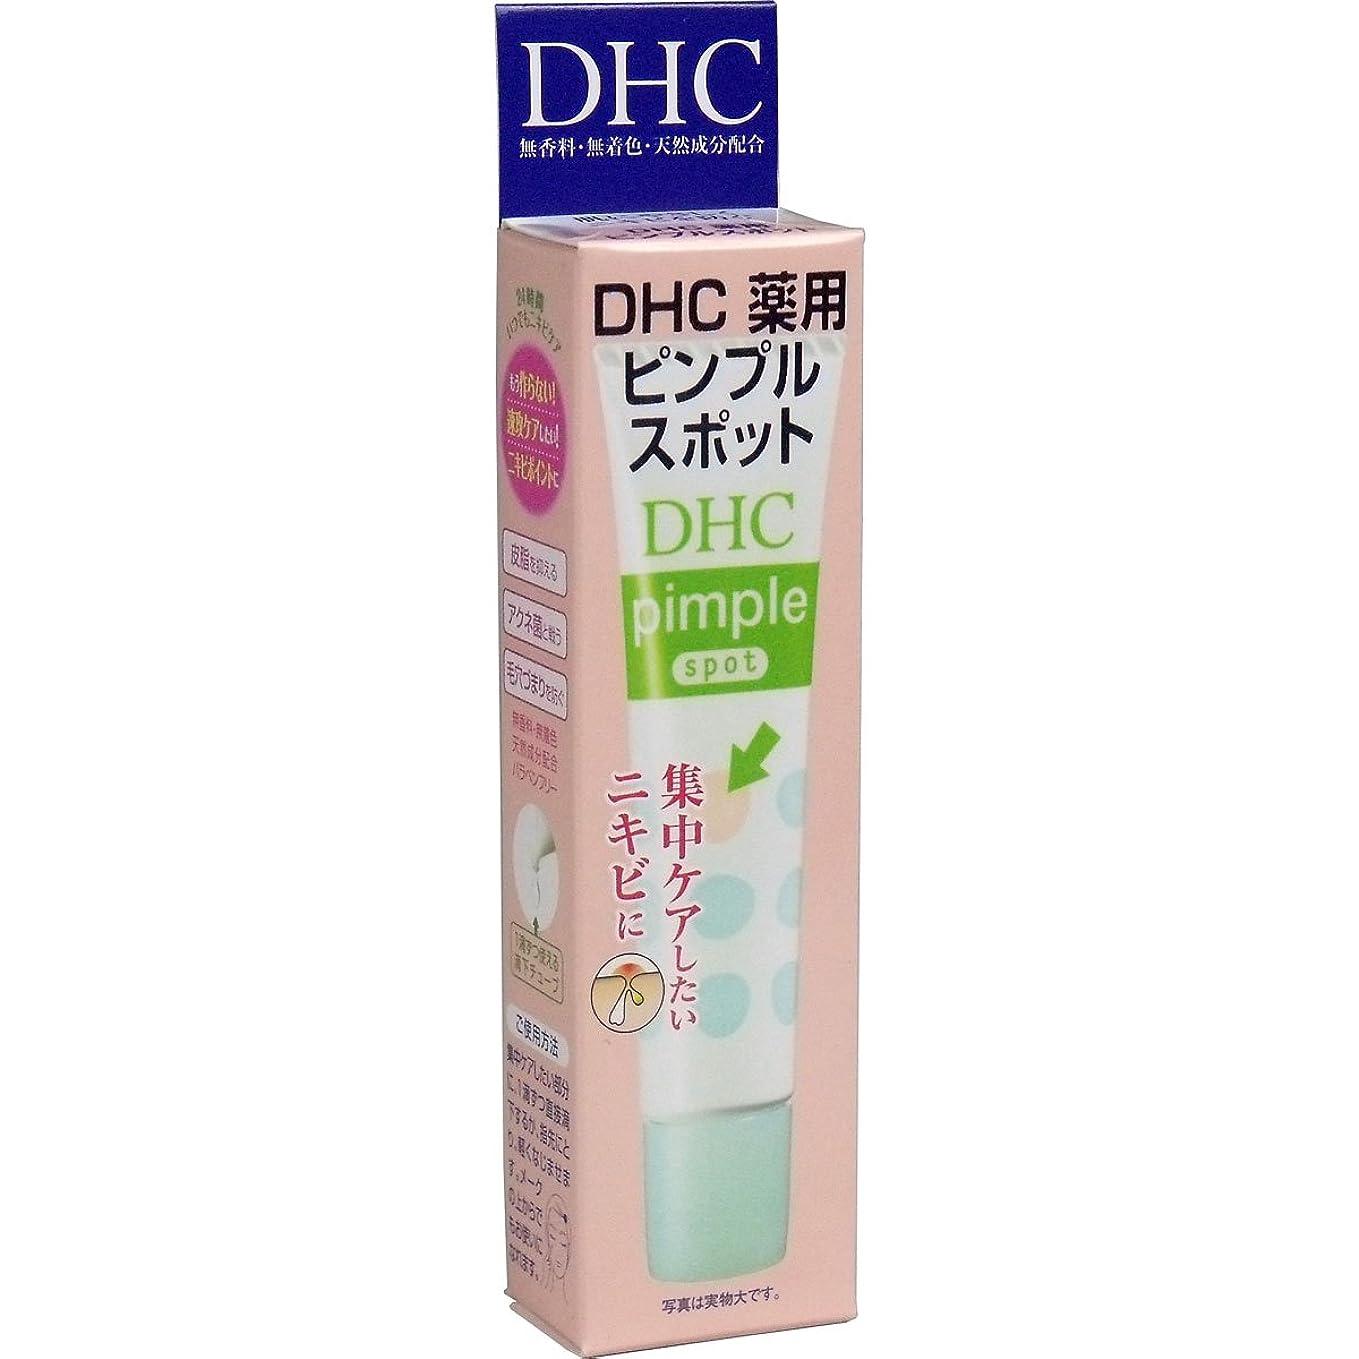 祖父母を訪問不名誉な雇用者【DHC】DHC 薬用ピンプルスポット 15ml ×10個セット